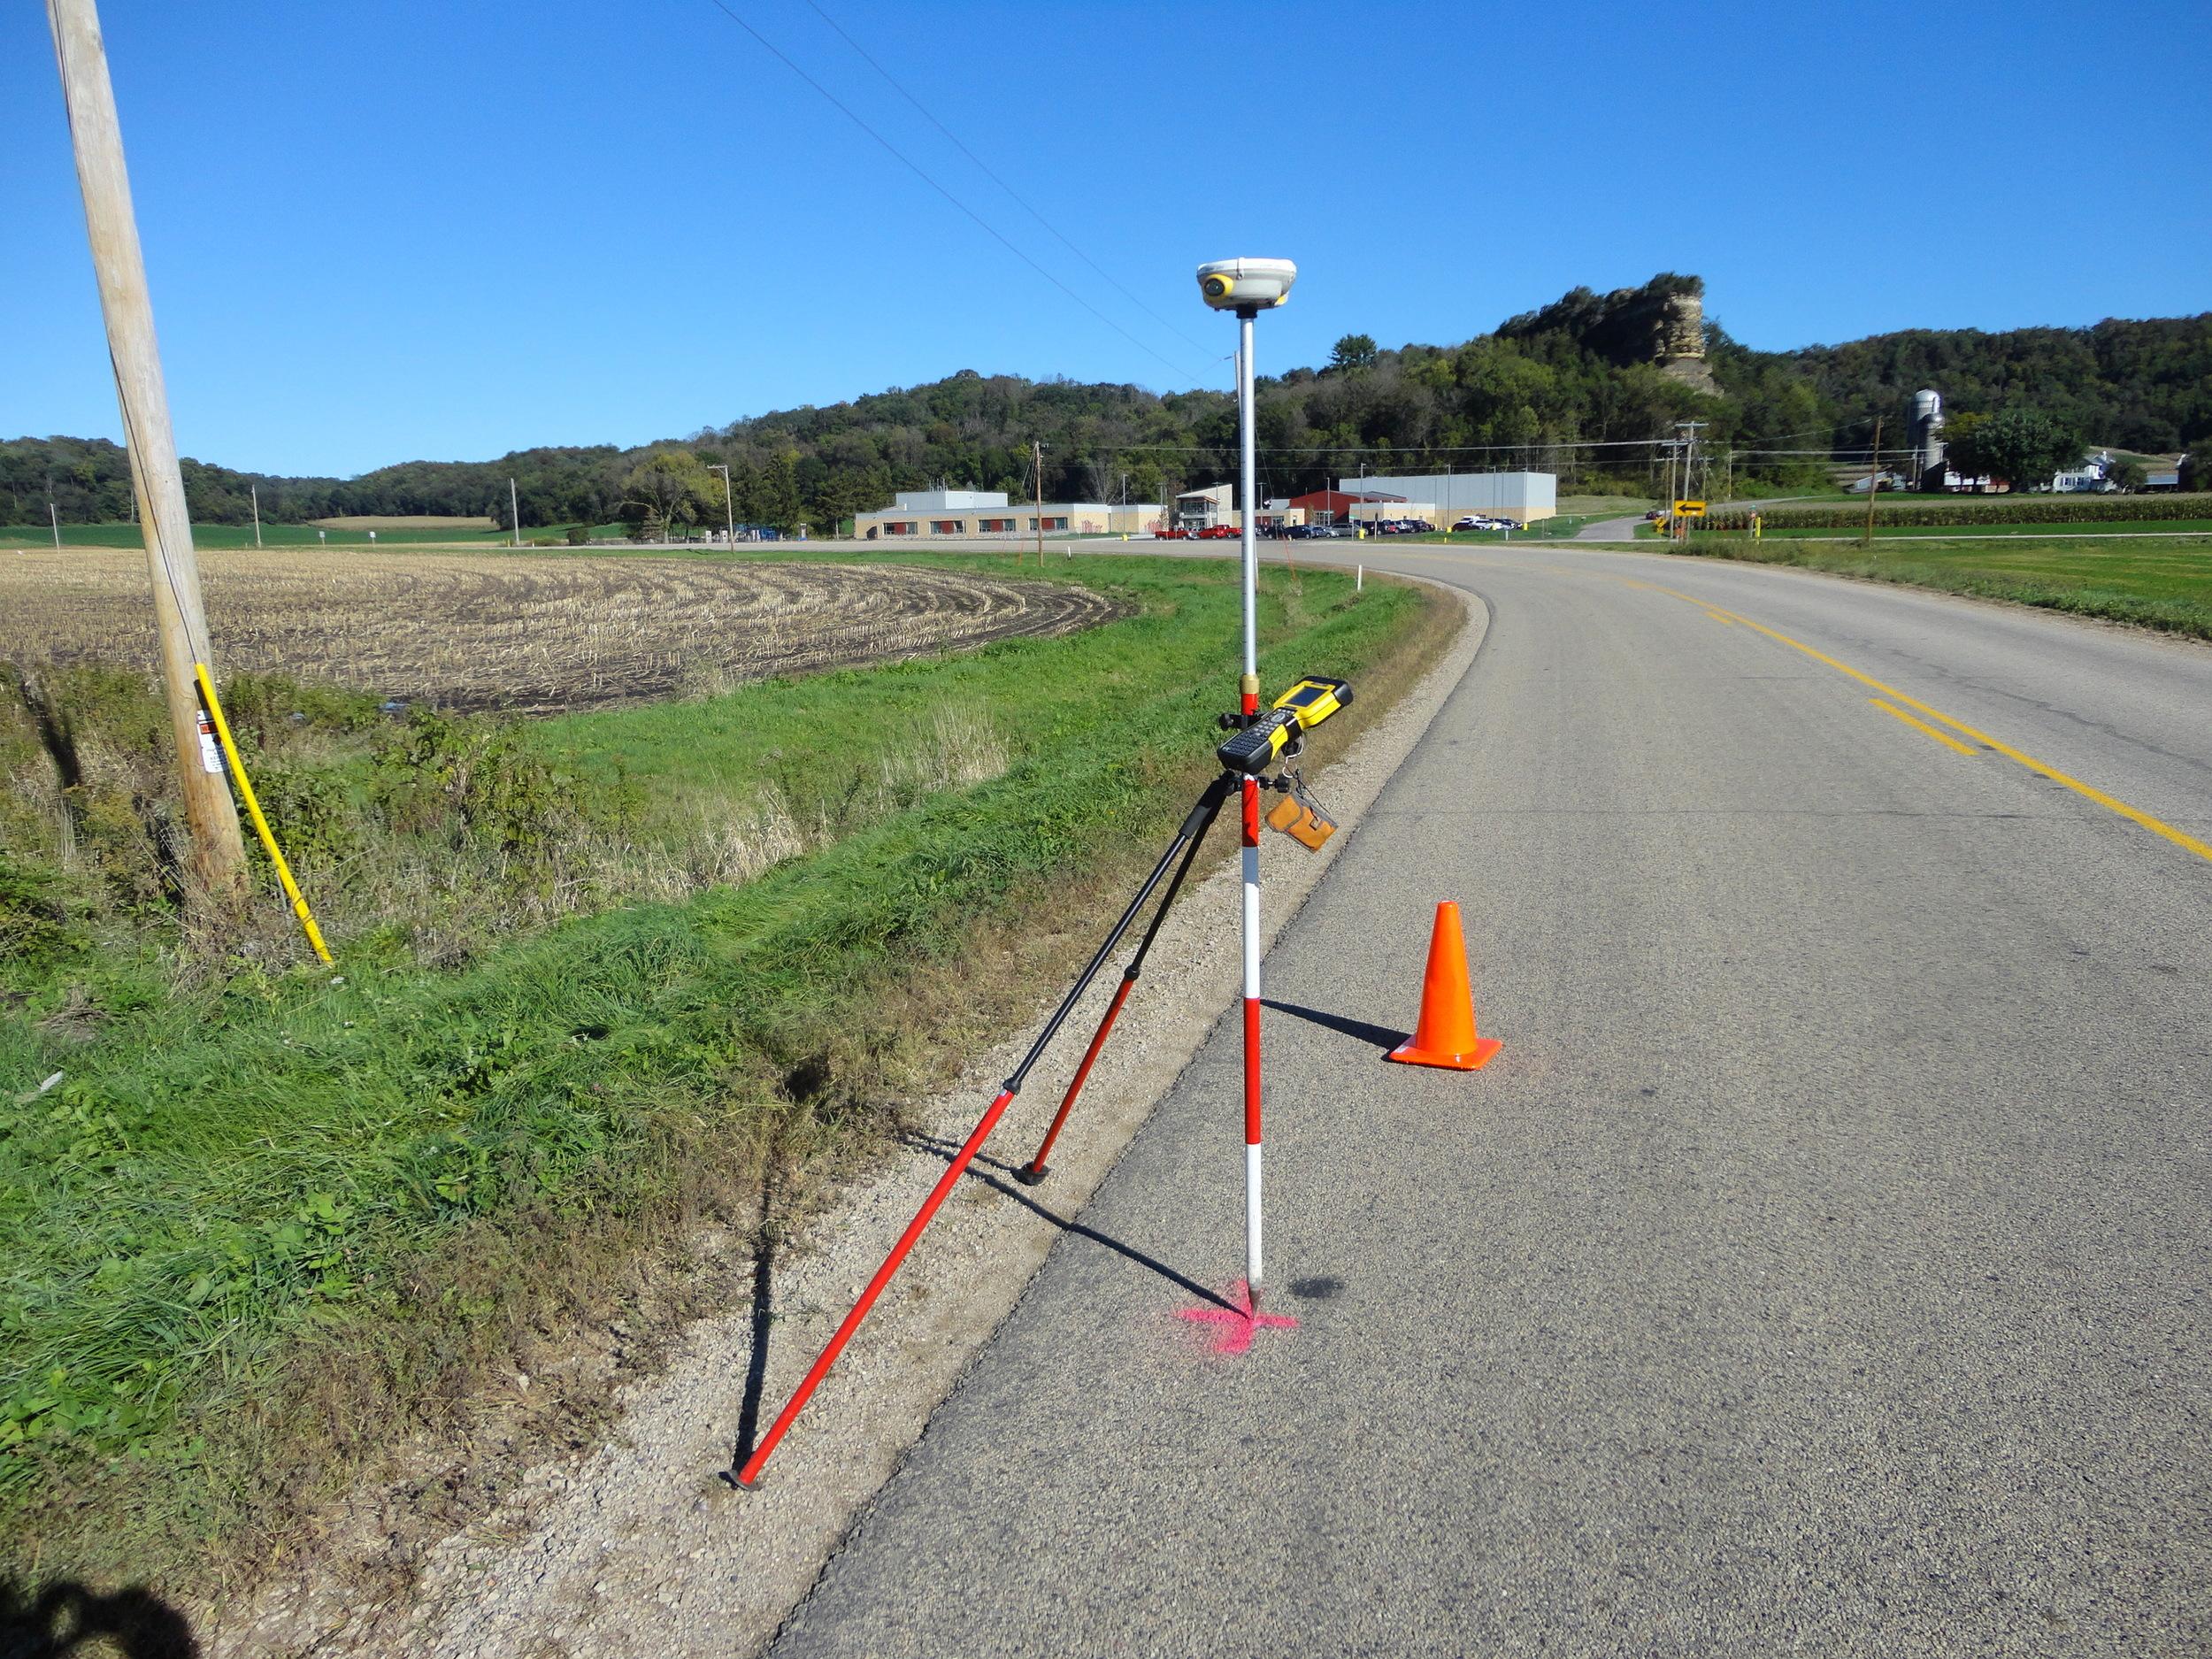 Land surveying example